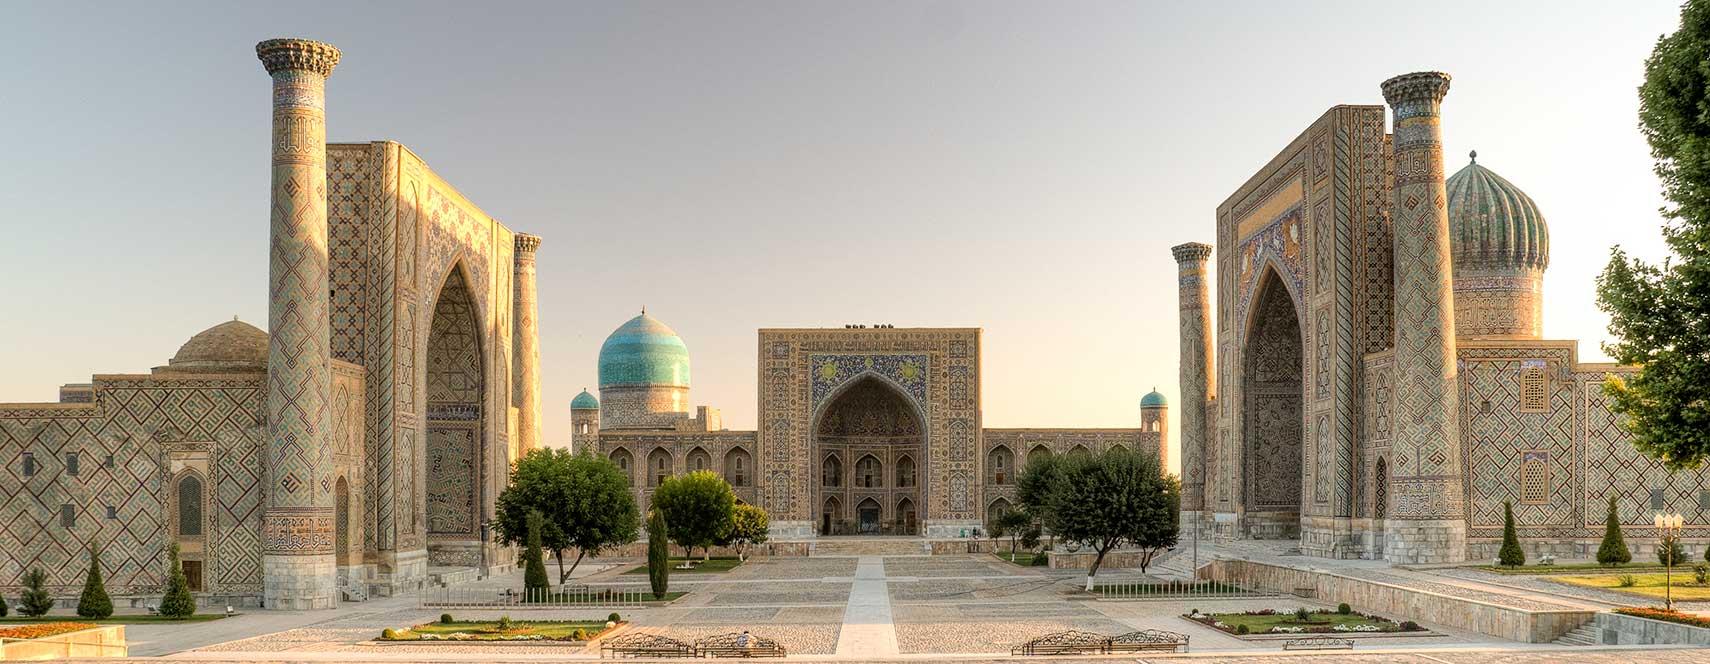 uzbekistan antara negara sukar untuk dilawati